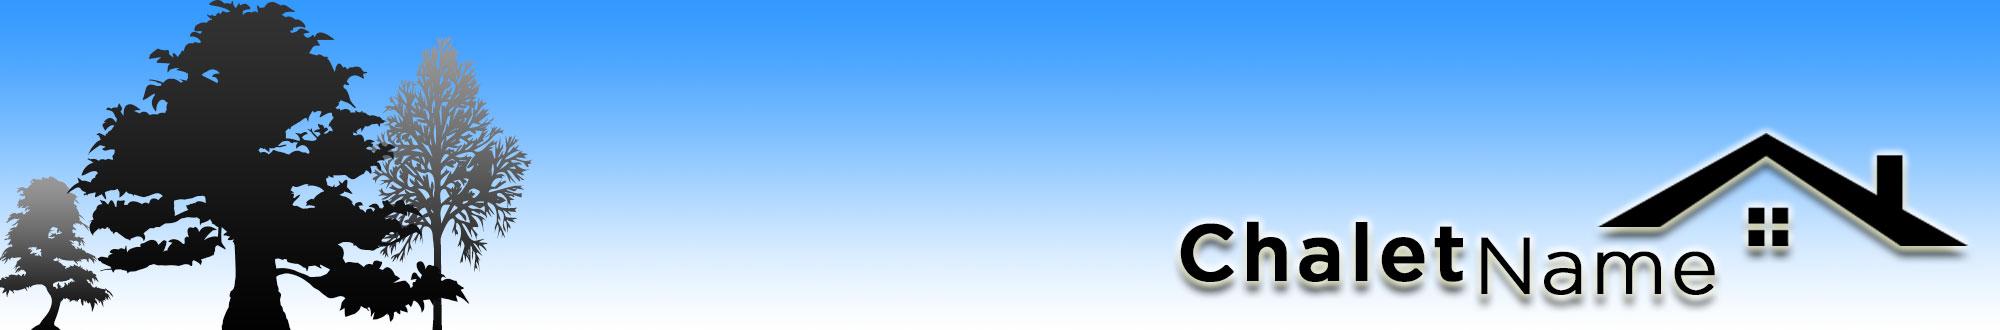 Holiday Chalet Rental Websites